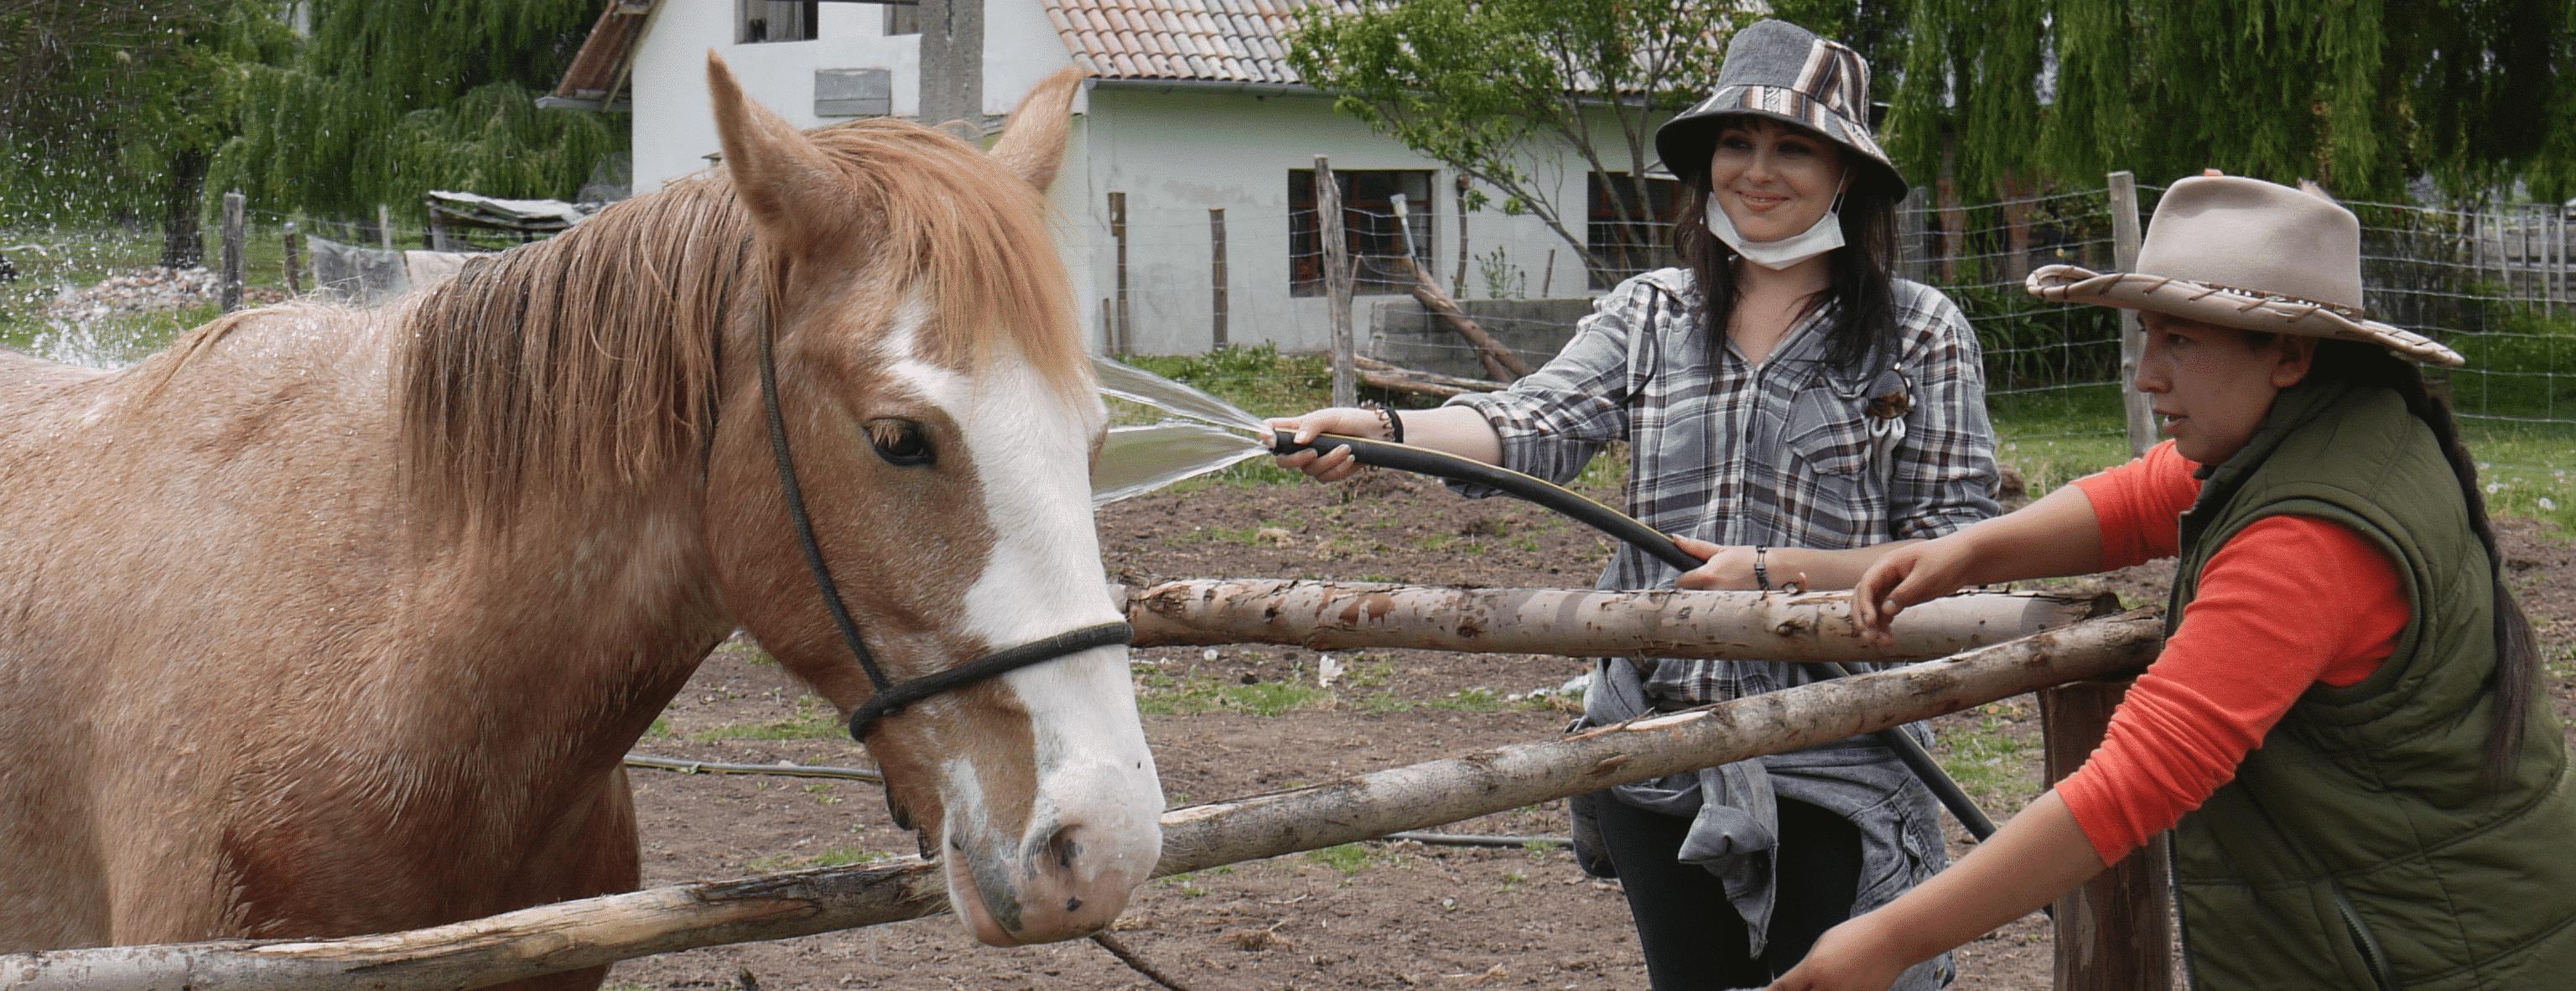 Volunteer with Horses Peru